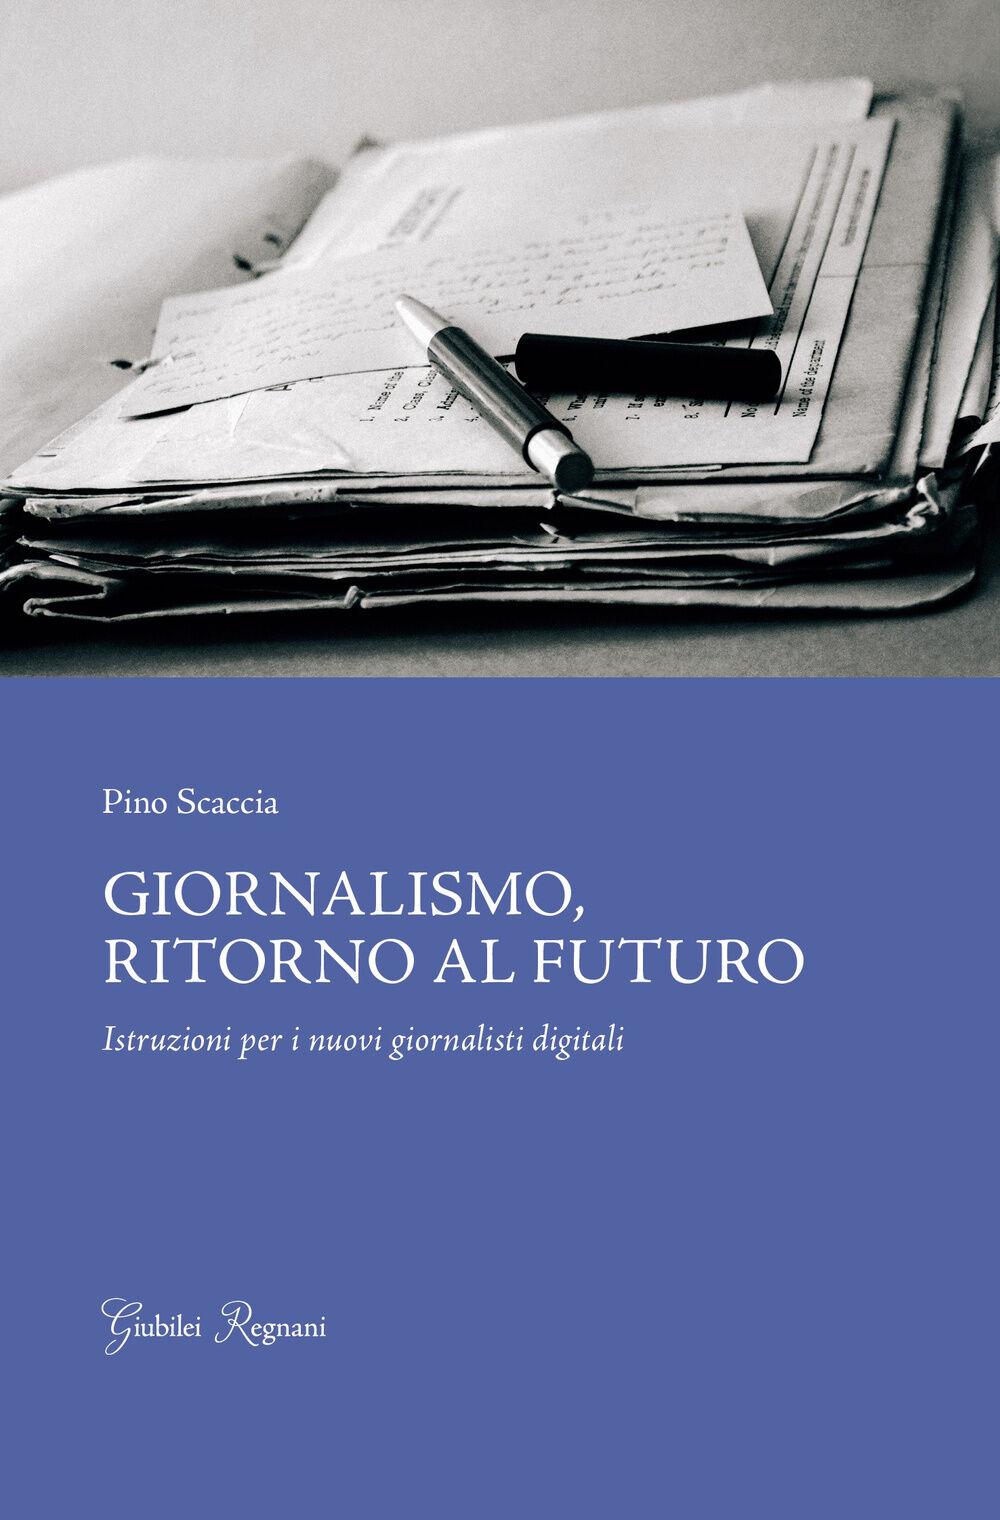 Giornalismo, ritorno al futuro. Istruzioni per i nuovi giornalisti digitali